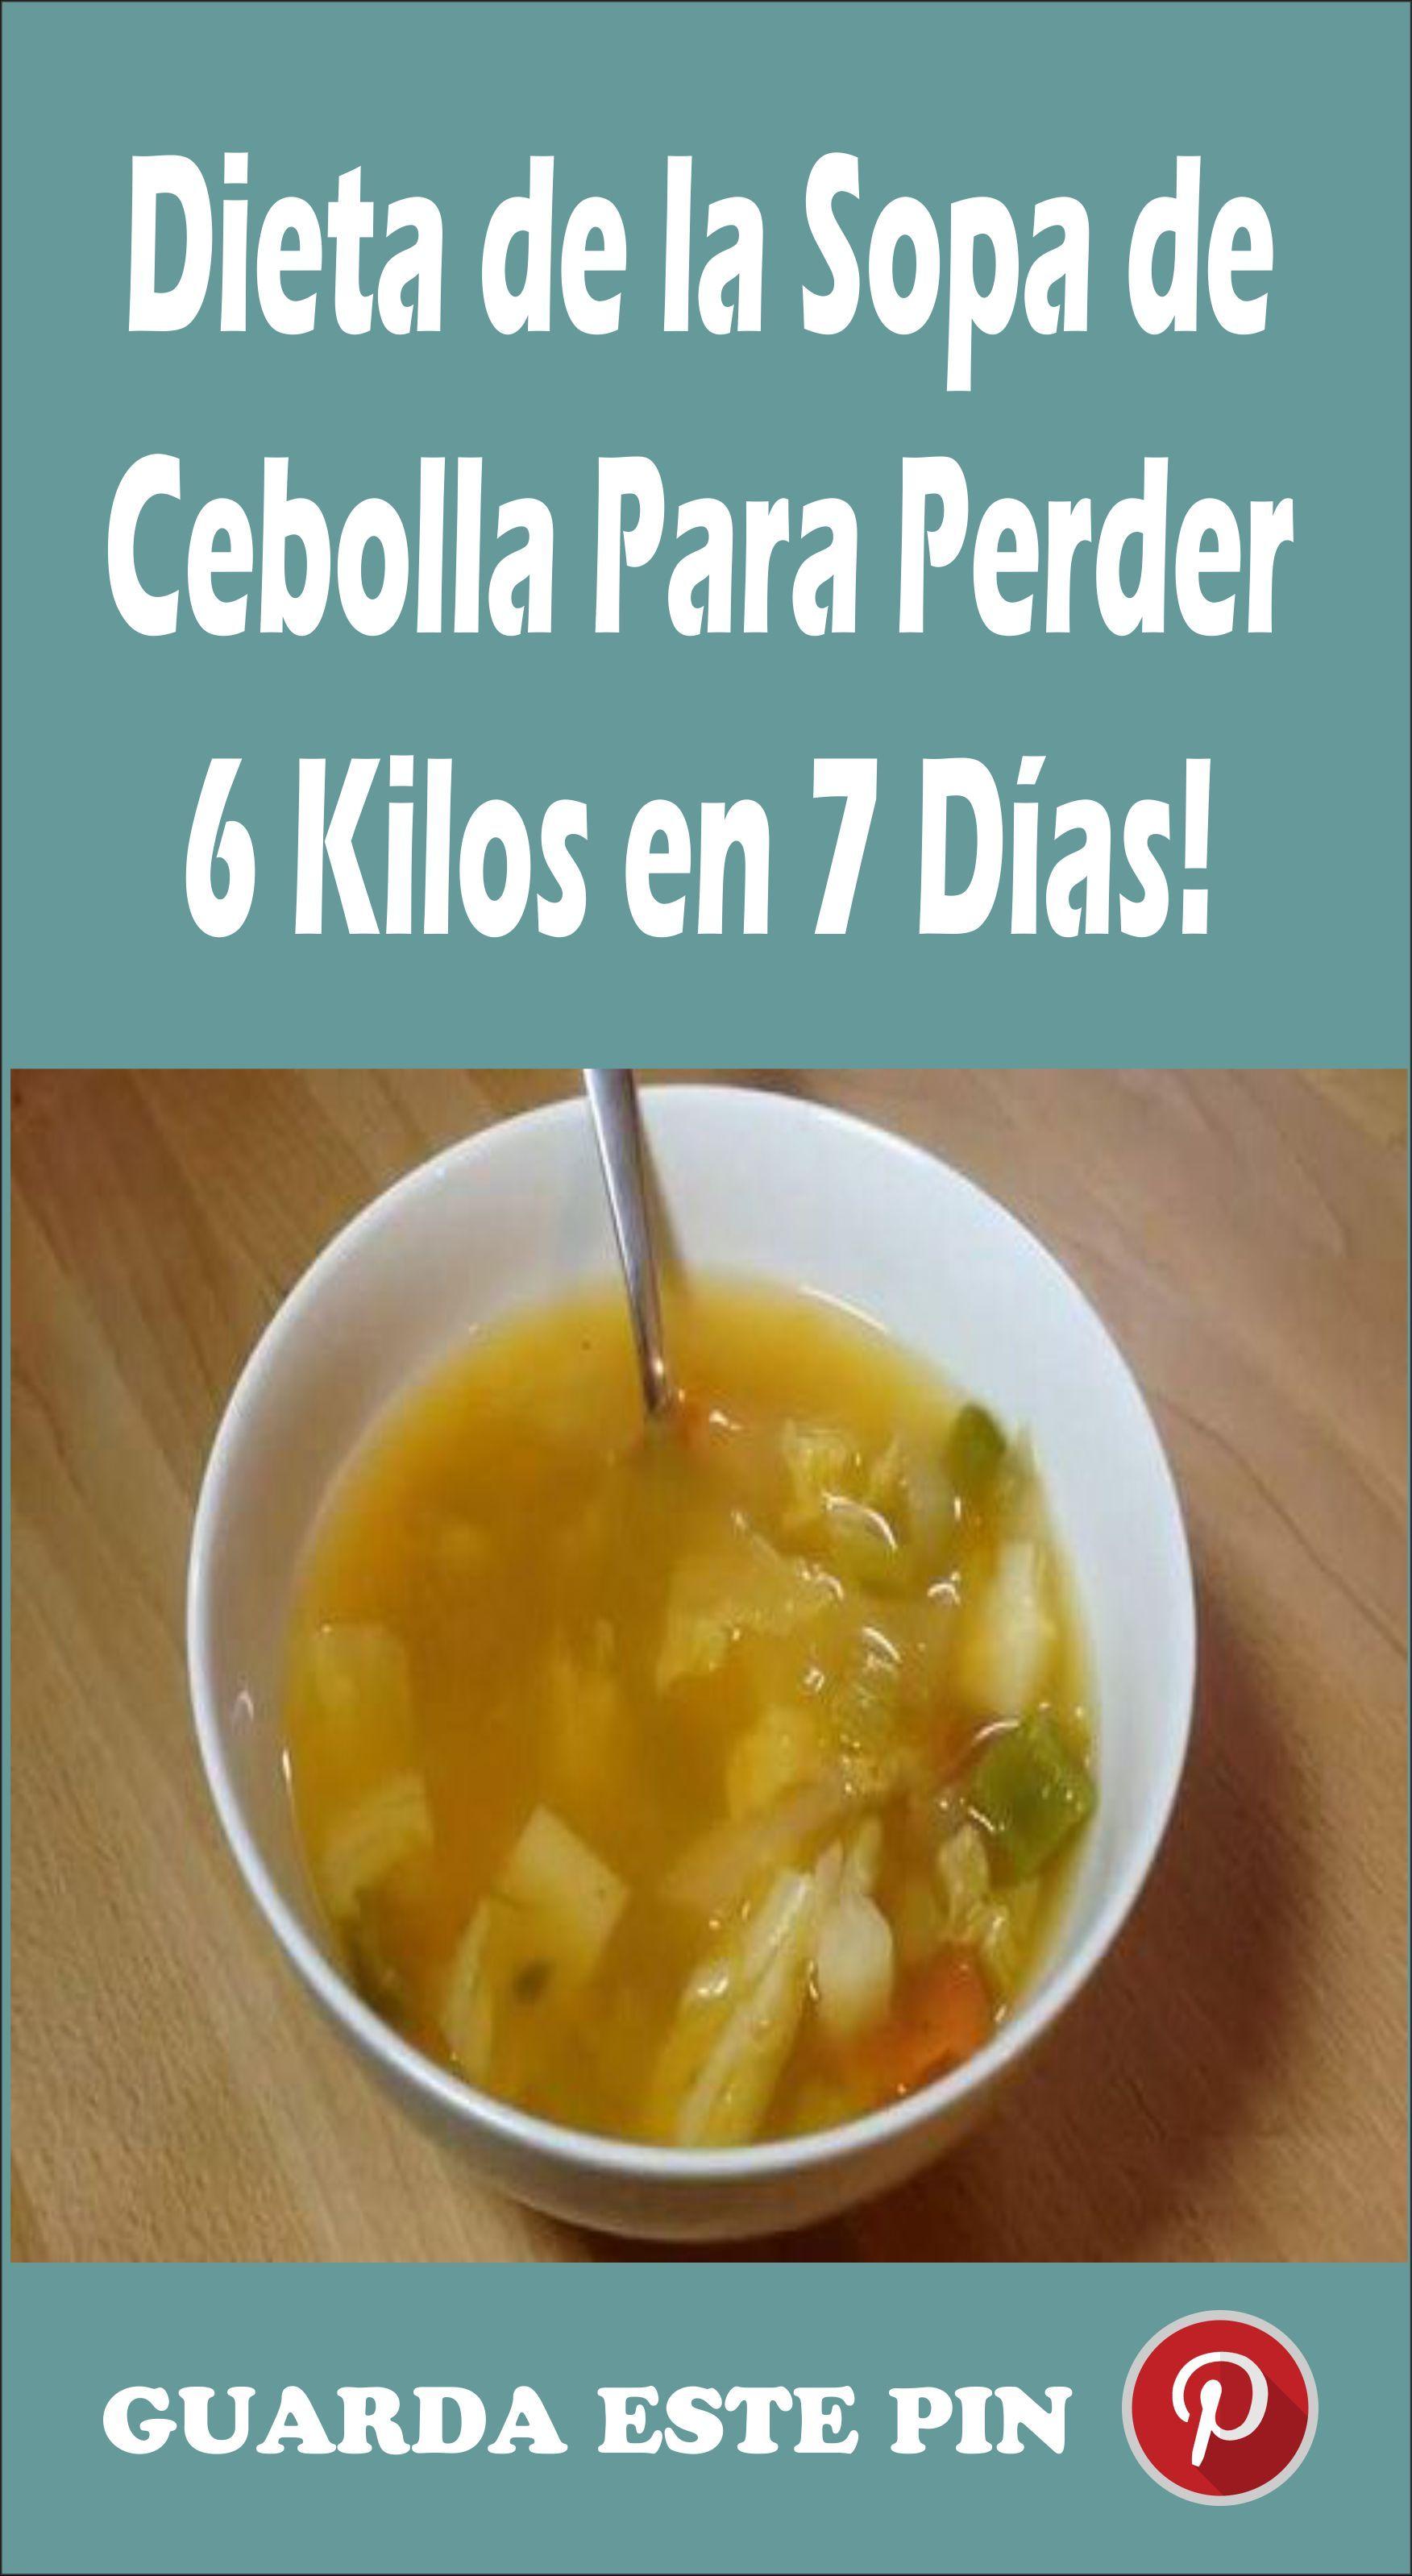 Dieta De La Sopa De Cebolla Para Perder 6 Kilos En 7 Días Dieta De La Sopa Sopa De Cebolla Sopa Para Adelgazar